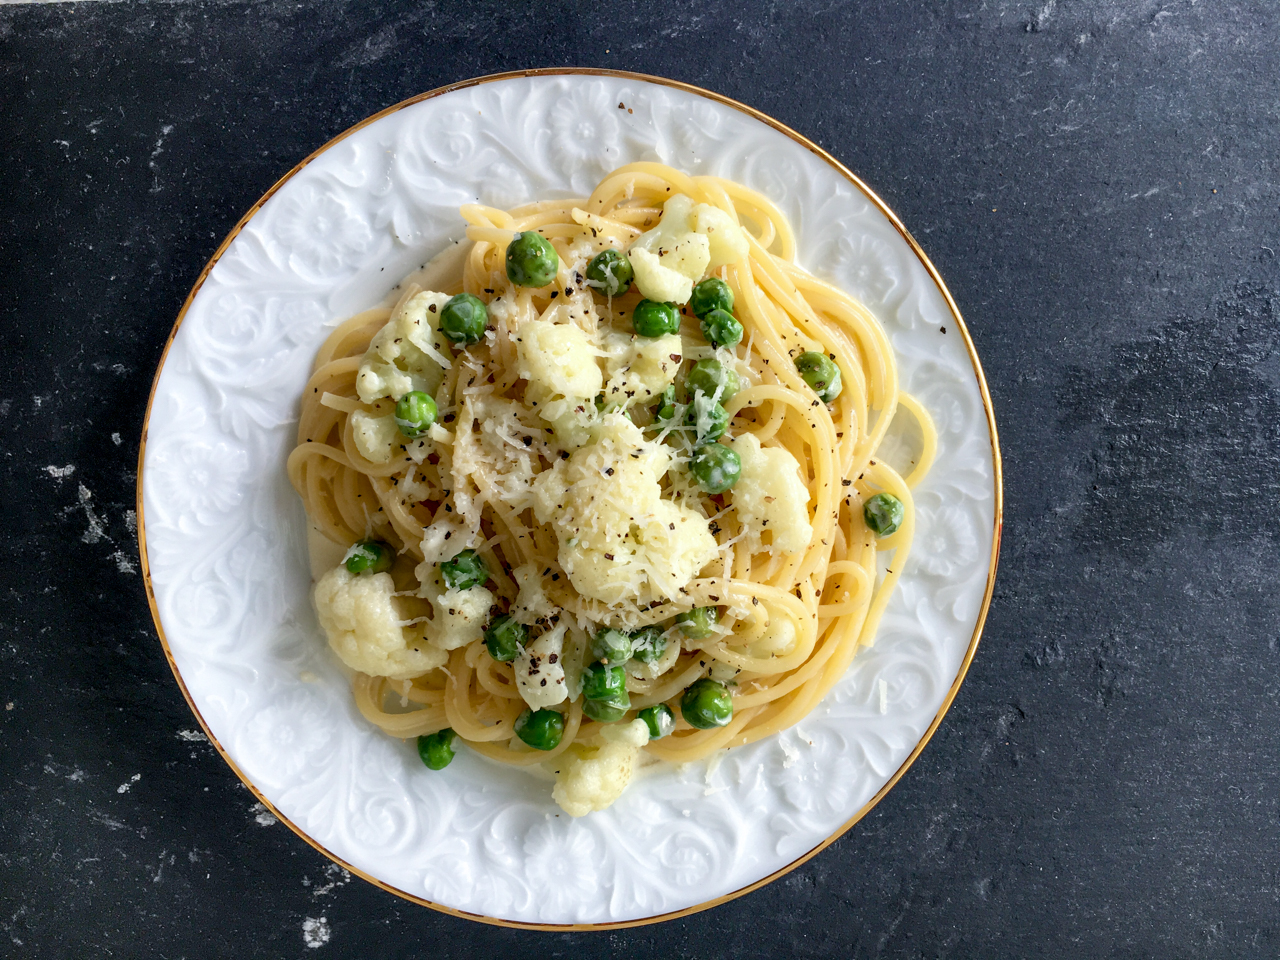 Rezept für Nudeln mit Blumenkohl und Erbsen in einer Käse-Sahne-Sauce. Vegetarisch. Pasta, Spaghetti